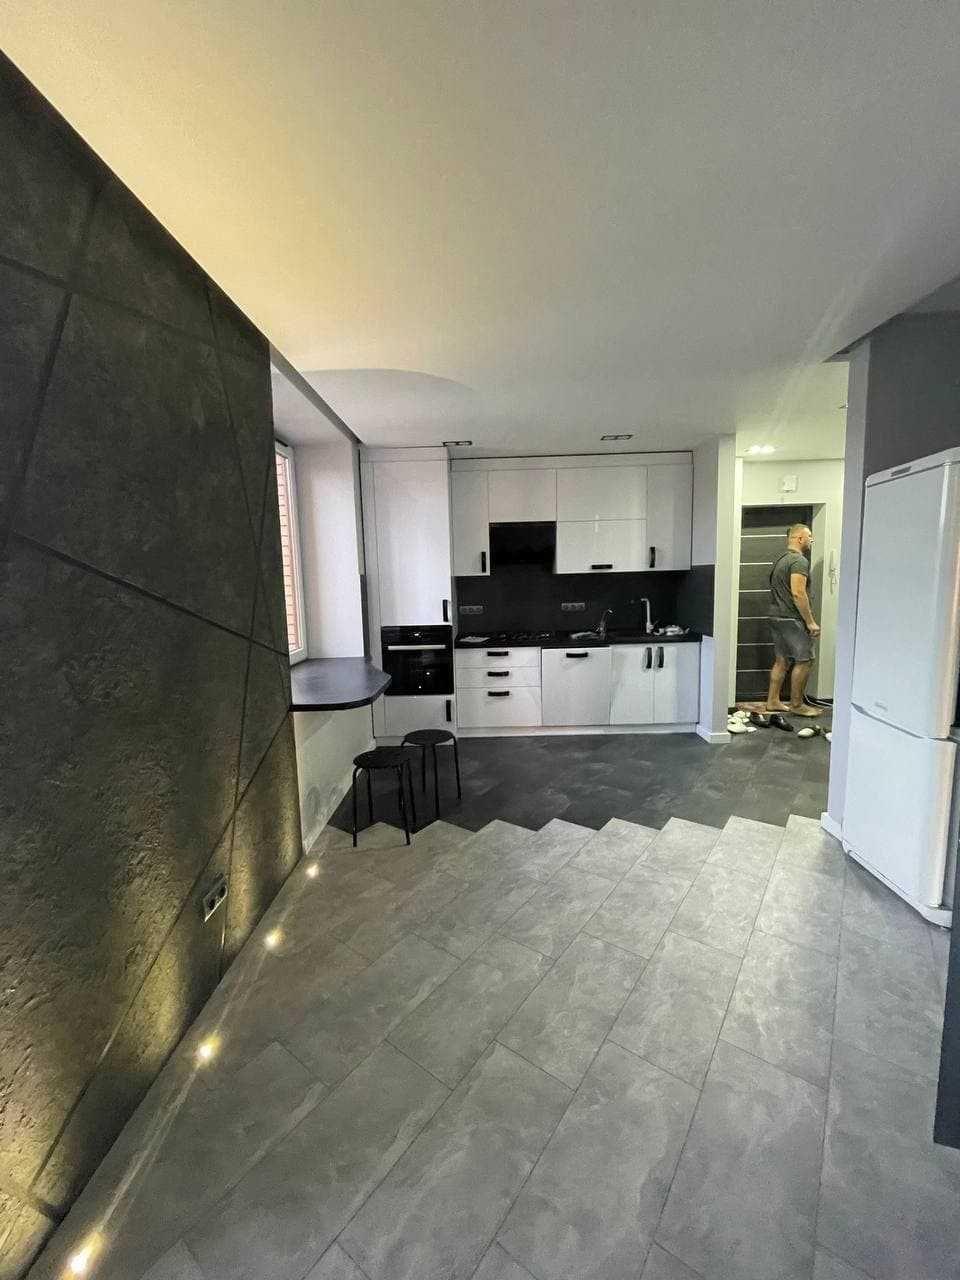 Пропонується в оренду квартира з сучасним дизайнерським стилем.